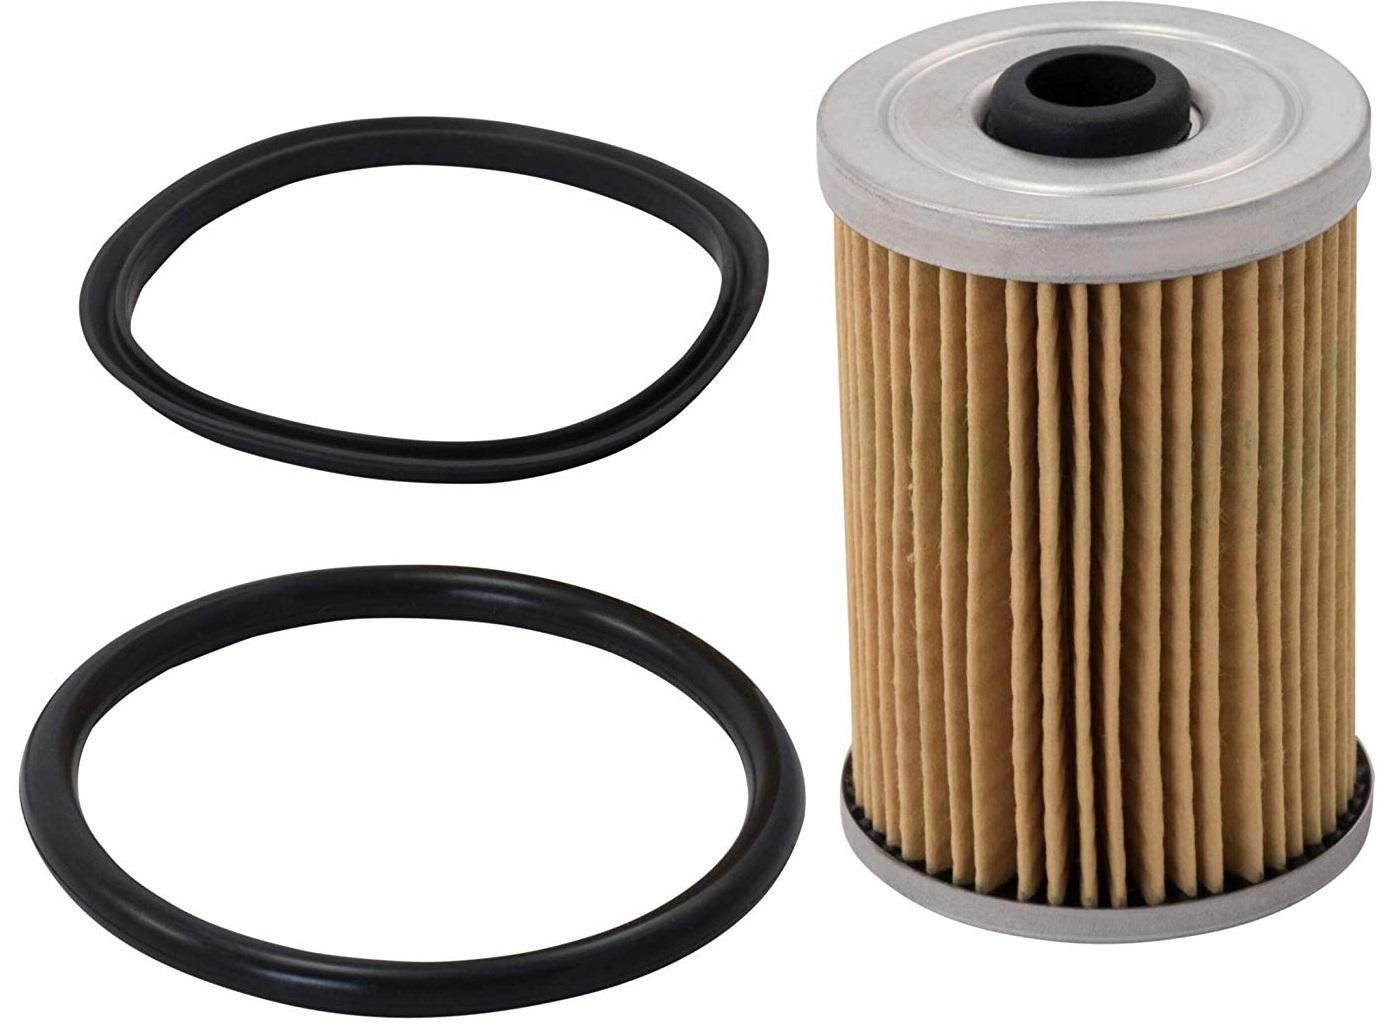 [SCHEMATICS_48ZD]  Quicksilver Fuel Filter 35-8M0093-688 - Muziker DK | 35 892657 Fuel Filter |  | Muziker DK